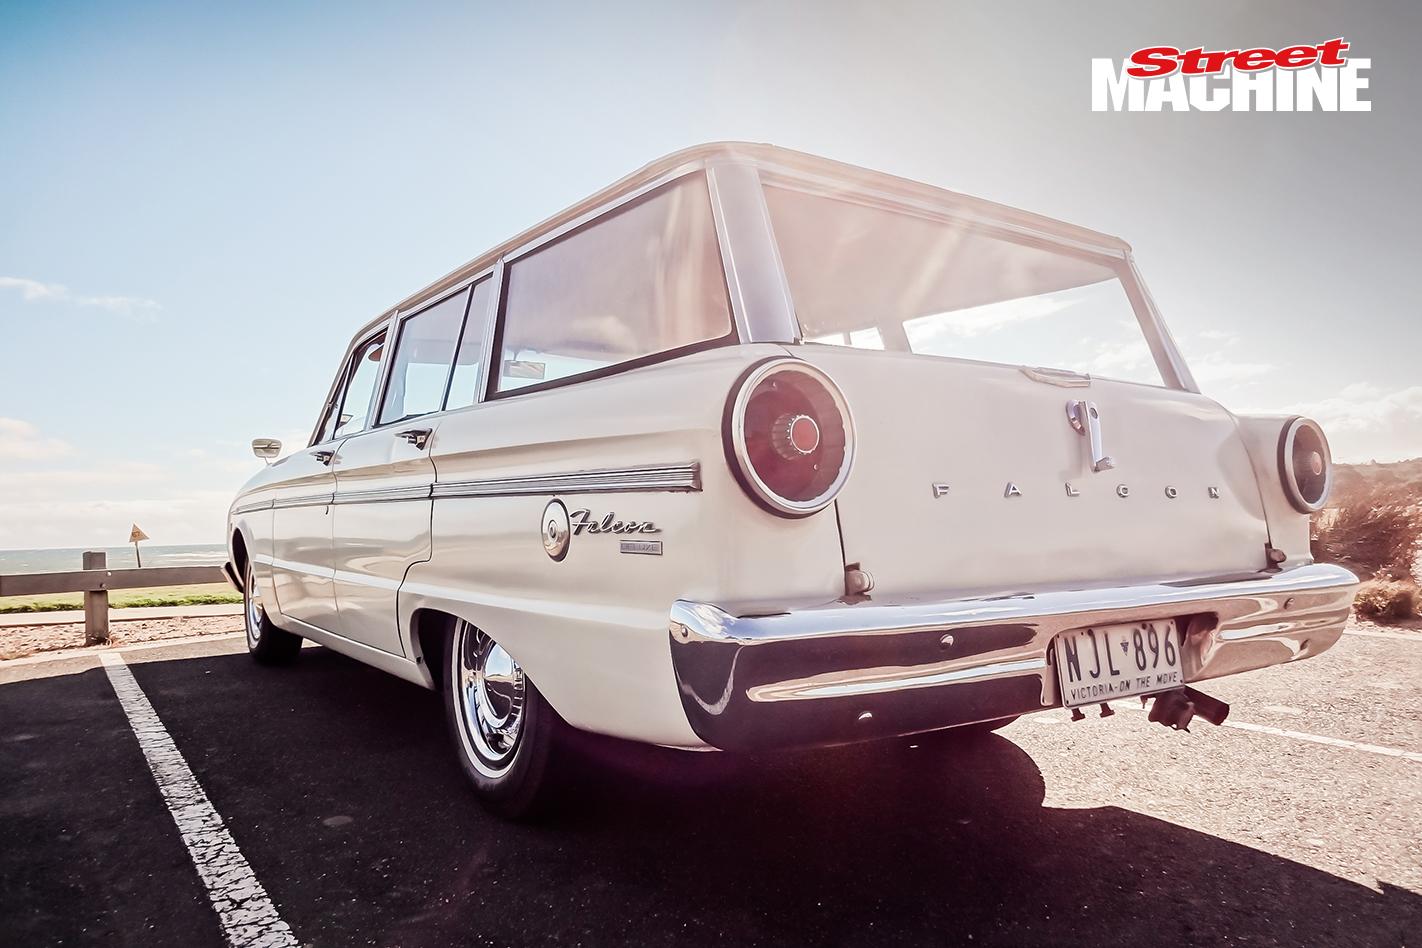 Ford Falcon XM Deluxe Wagon